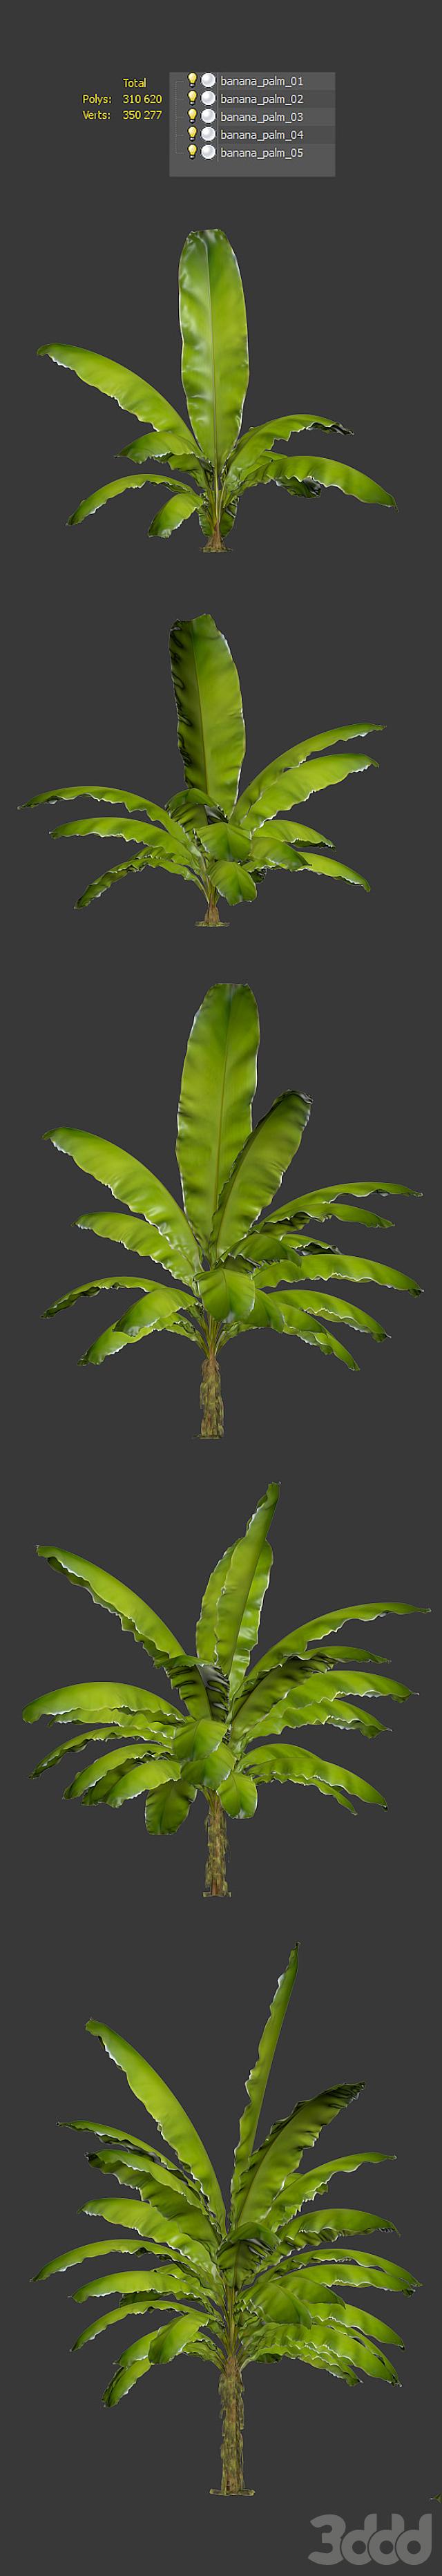 Банановая пальма. Набор из 5 моделей